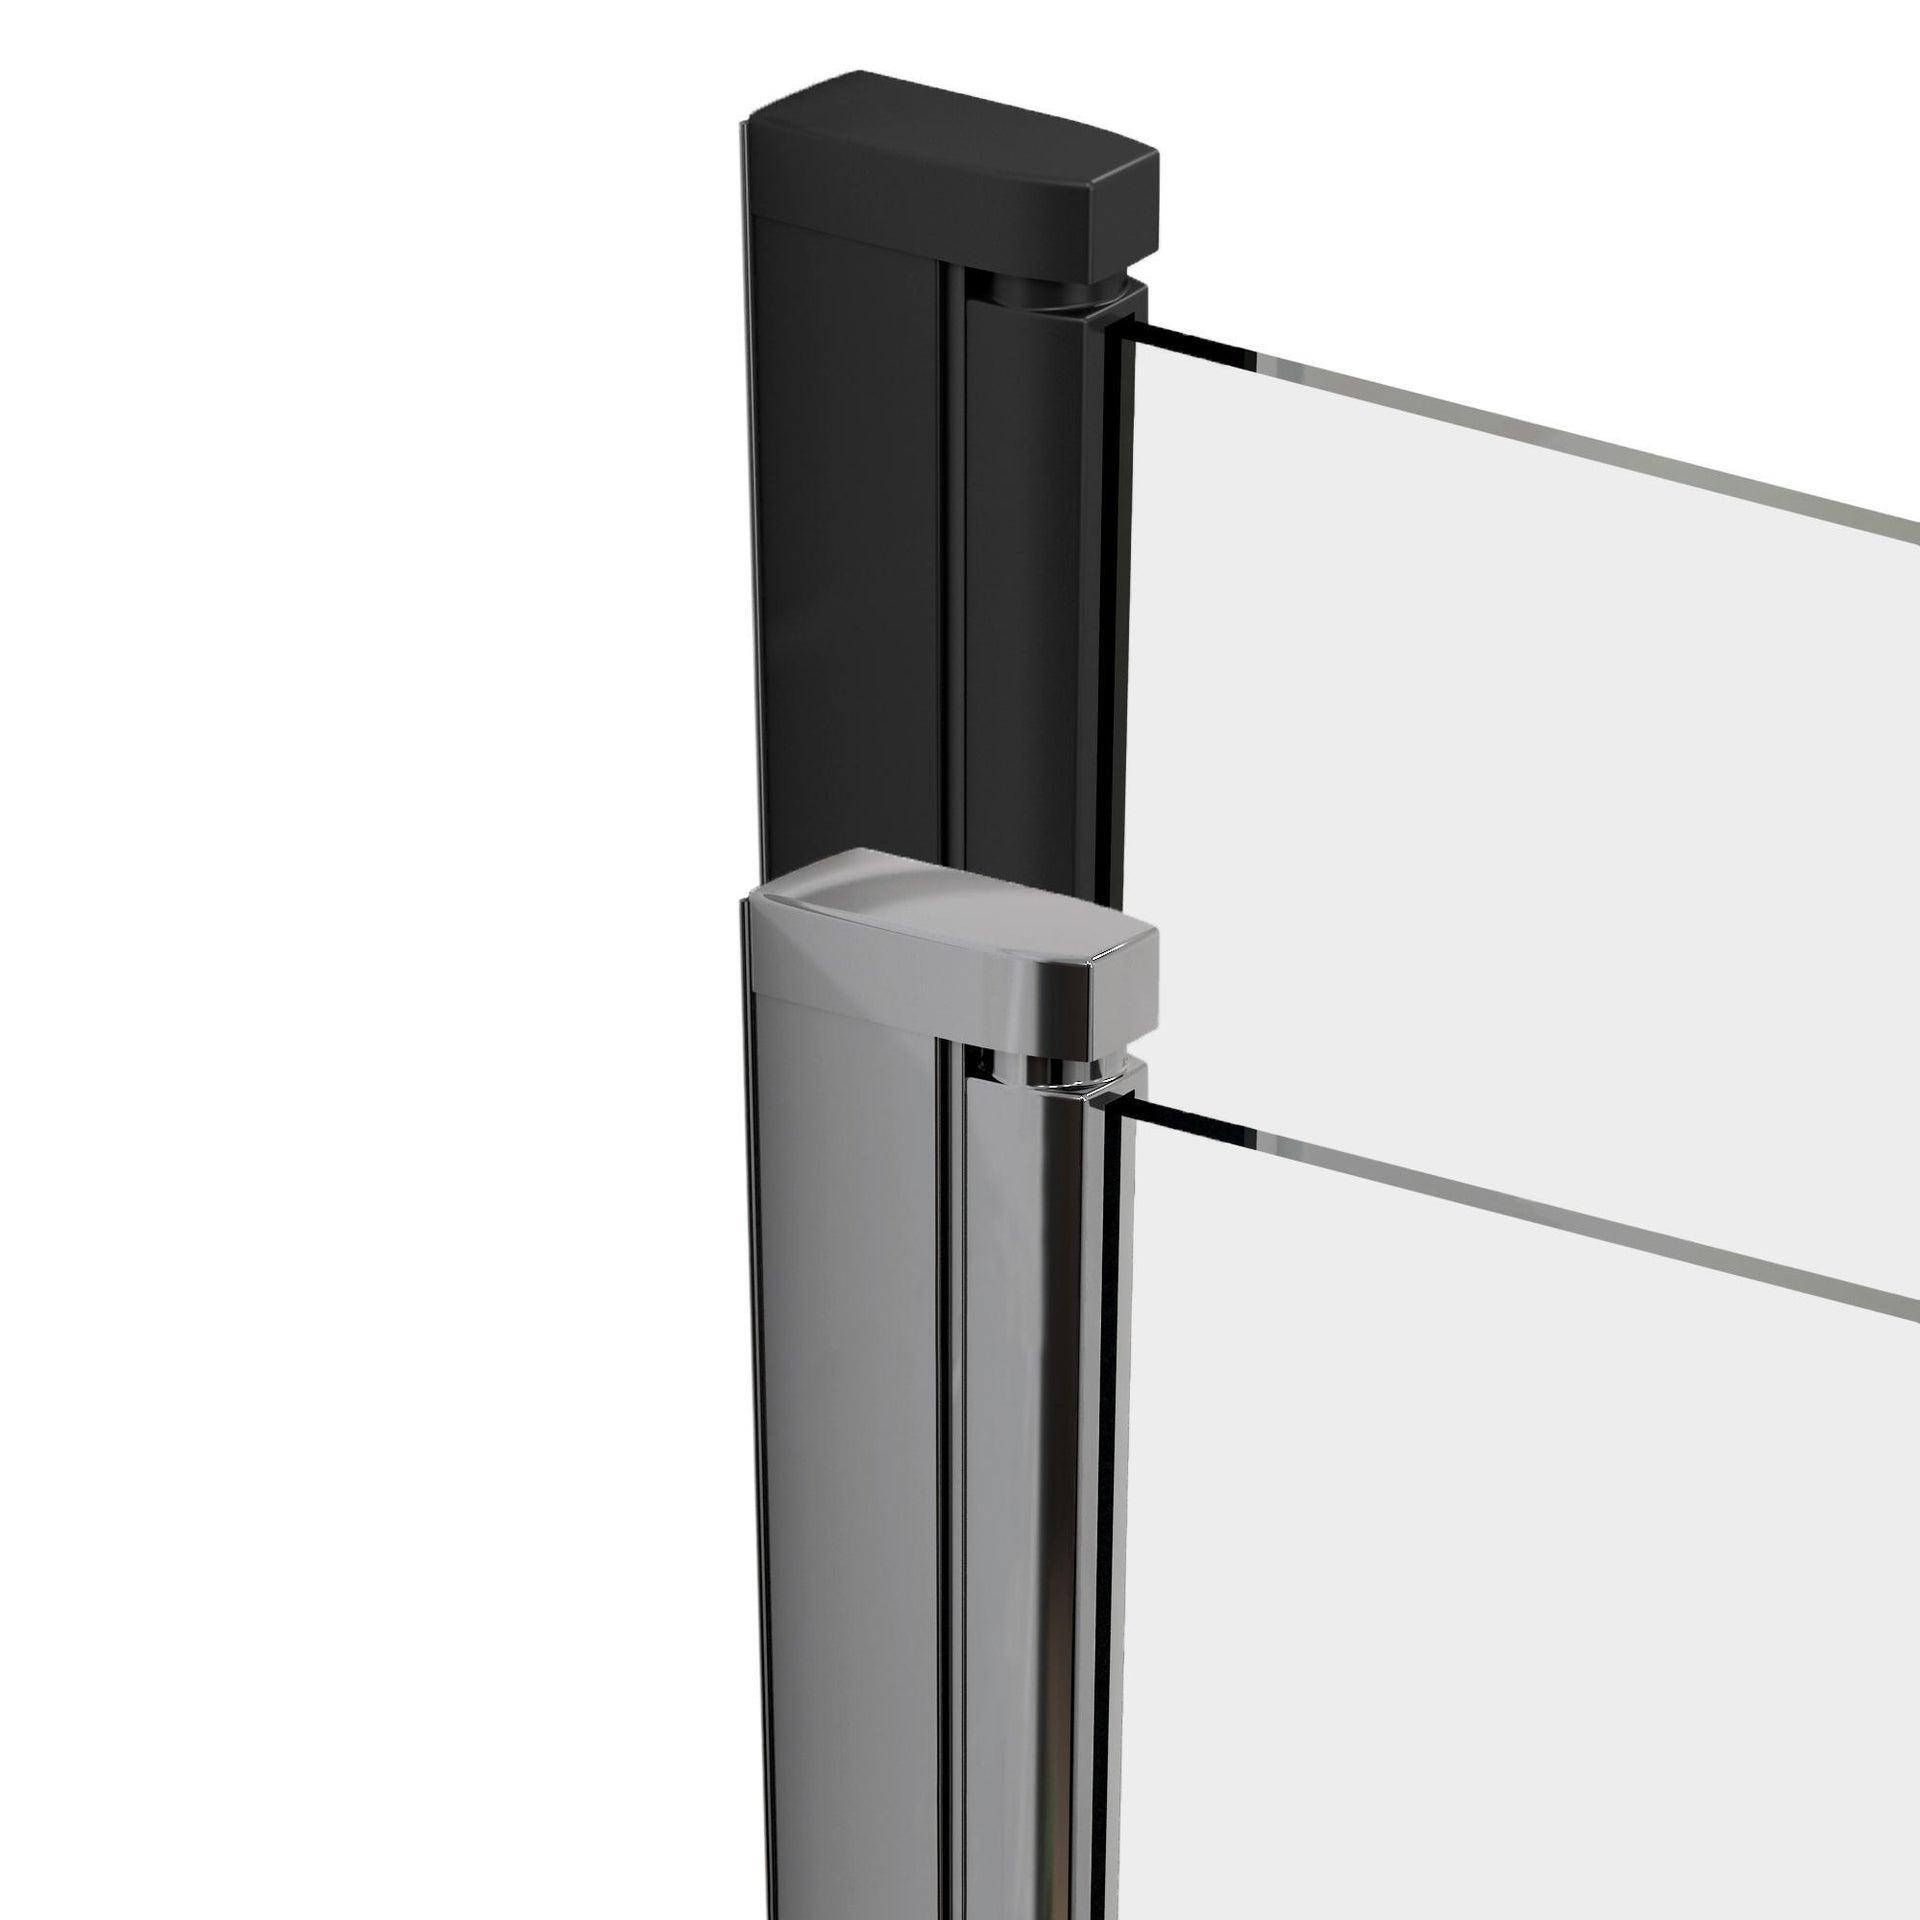 Box doccia rettangolare scorrevole Remix 80 x 120 cm, H 195 cm in vetro temprato, spessore 6 mm trasparente cromato - 6